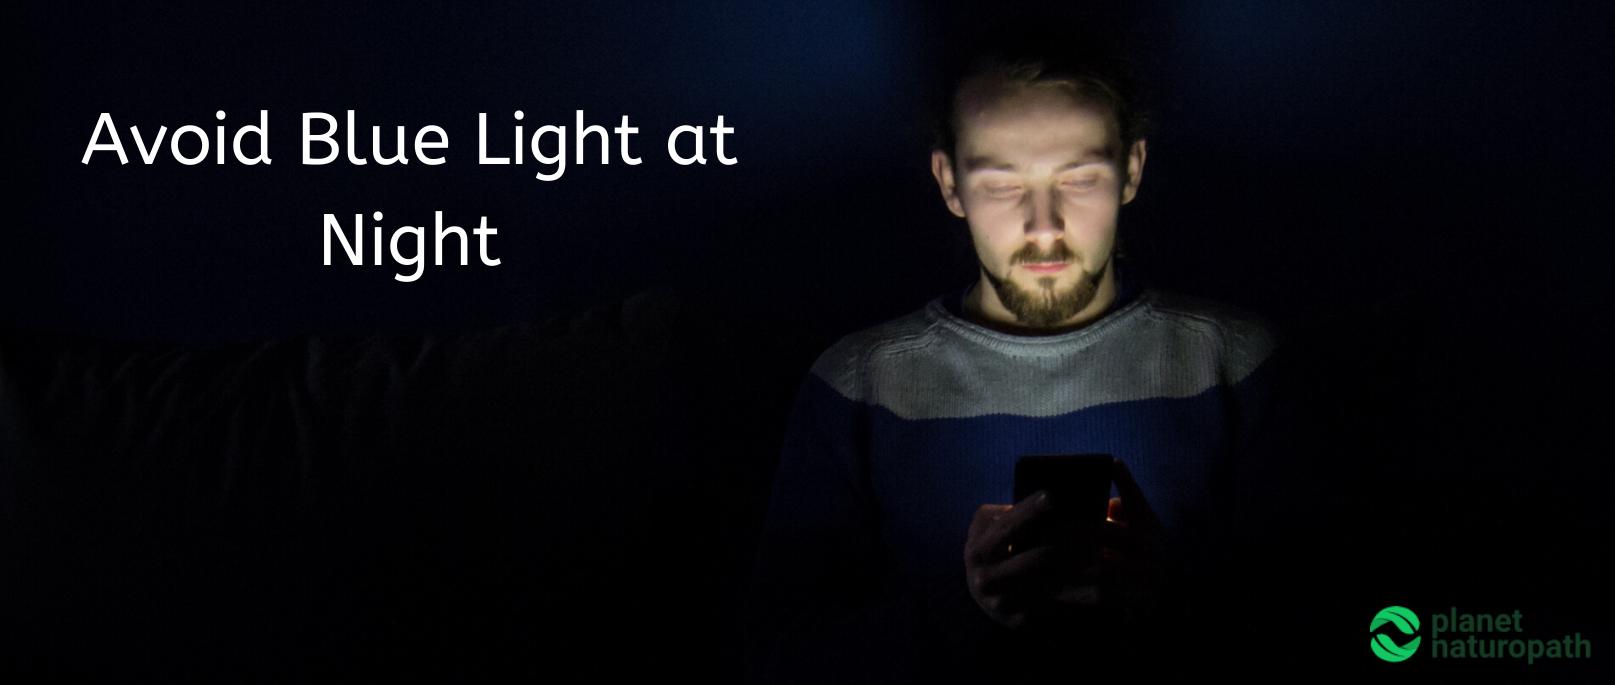 Avoid Blue Light at Night